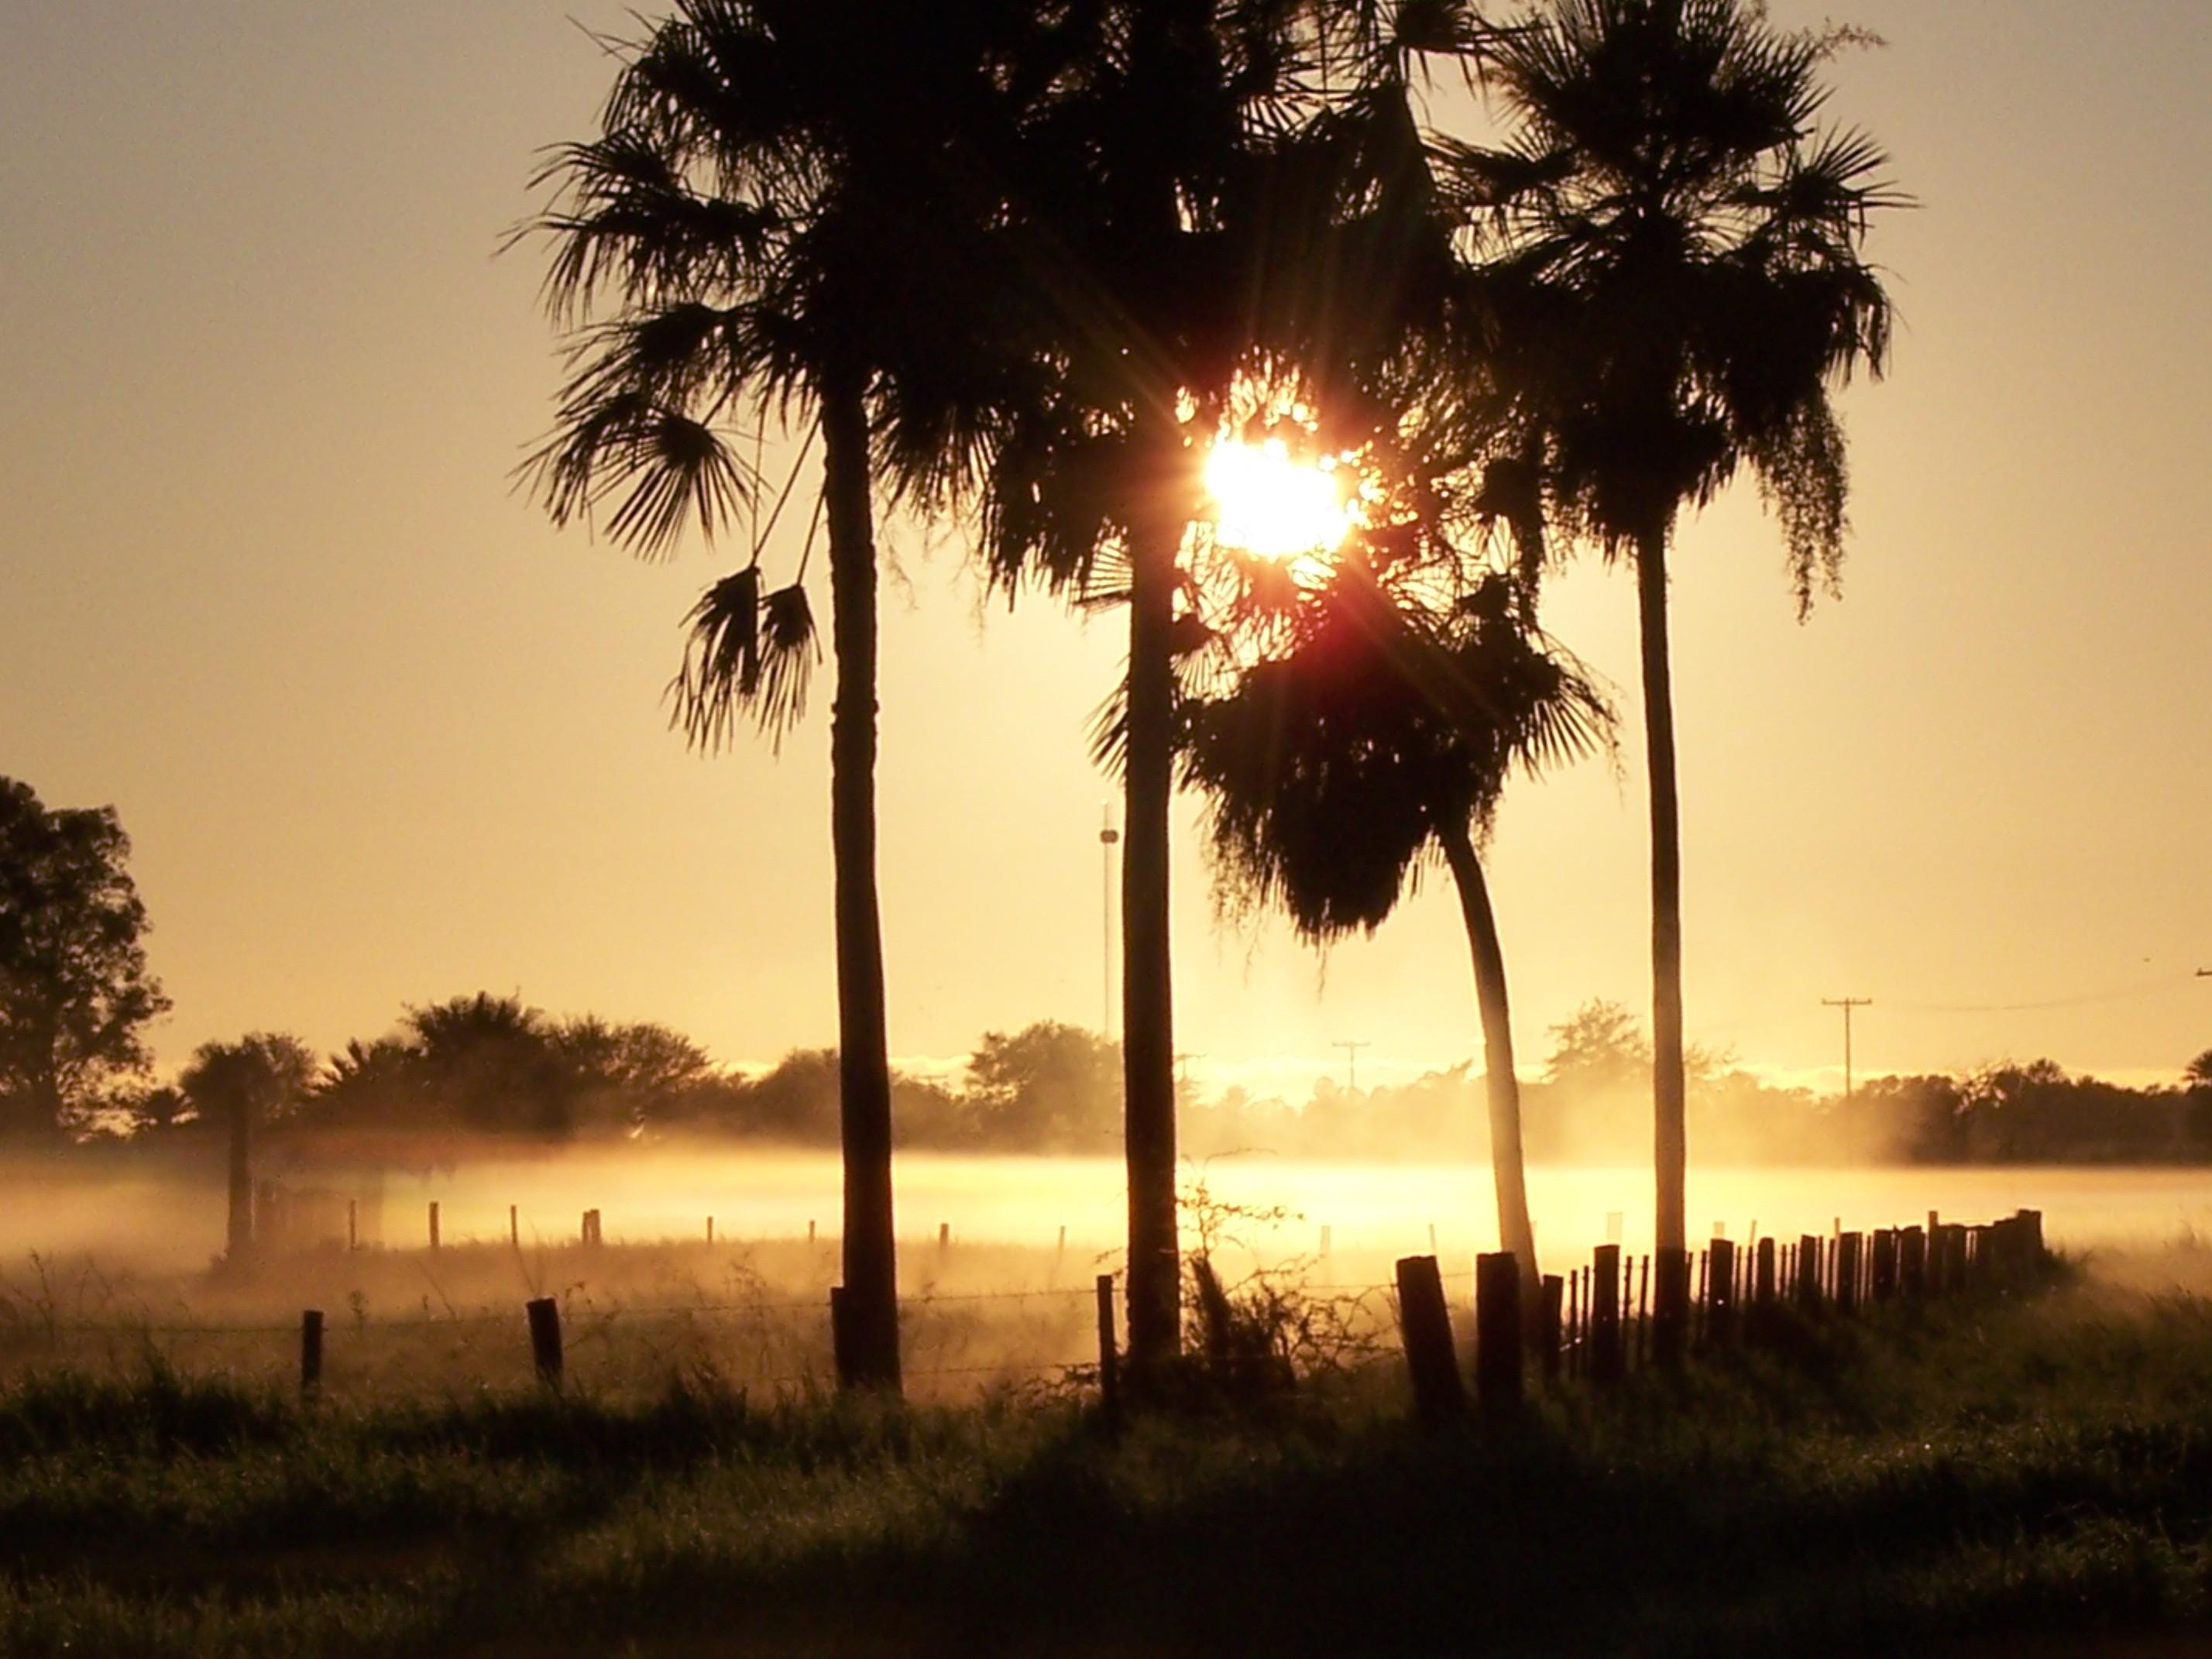 Sonnenaufgang im paraguayischen Chaco